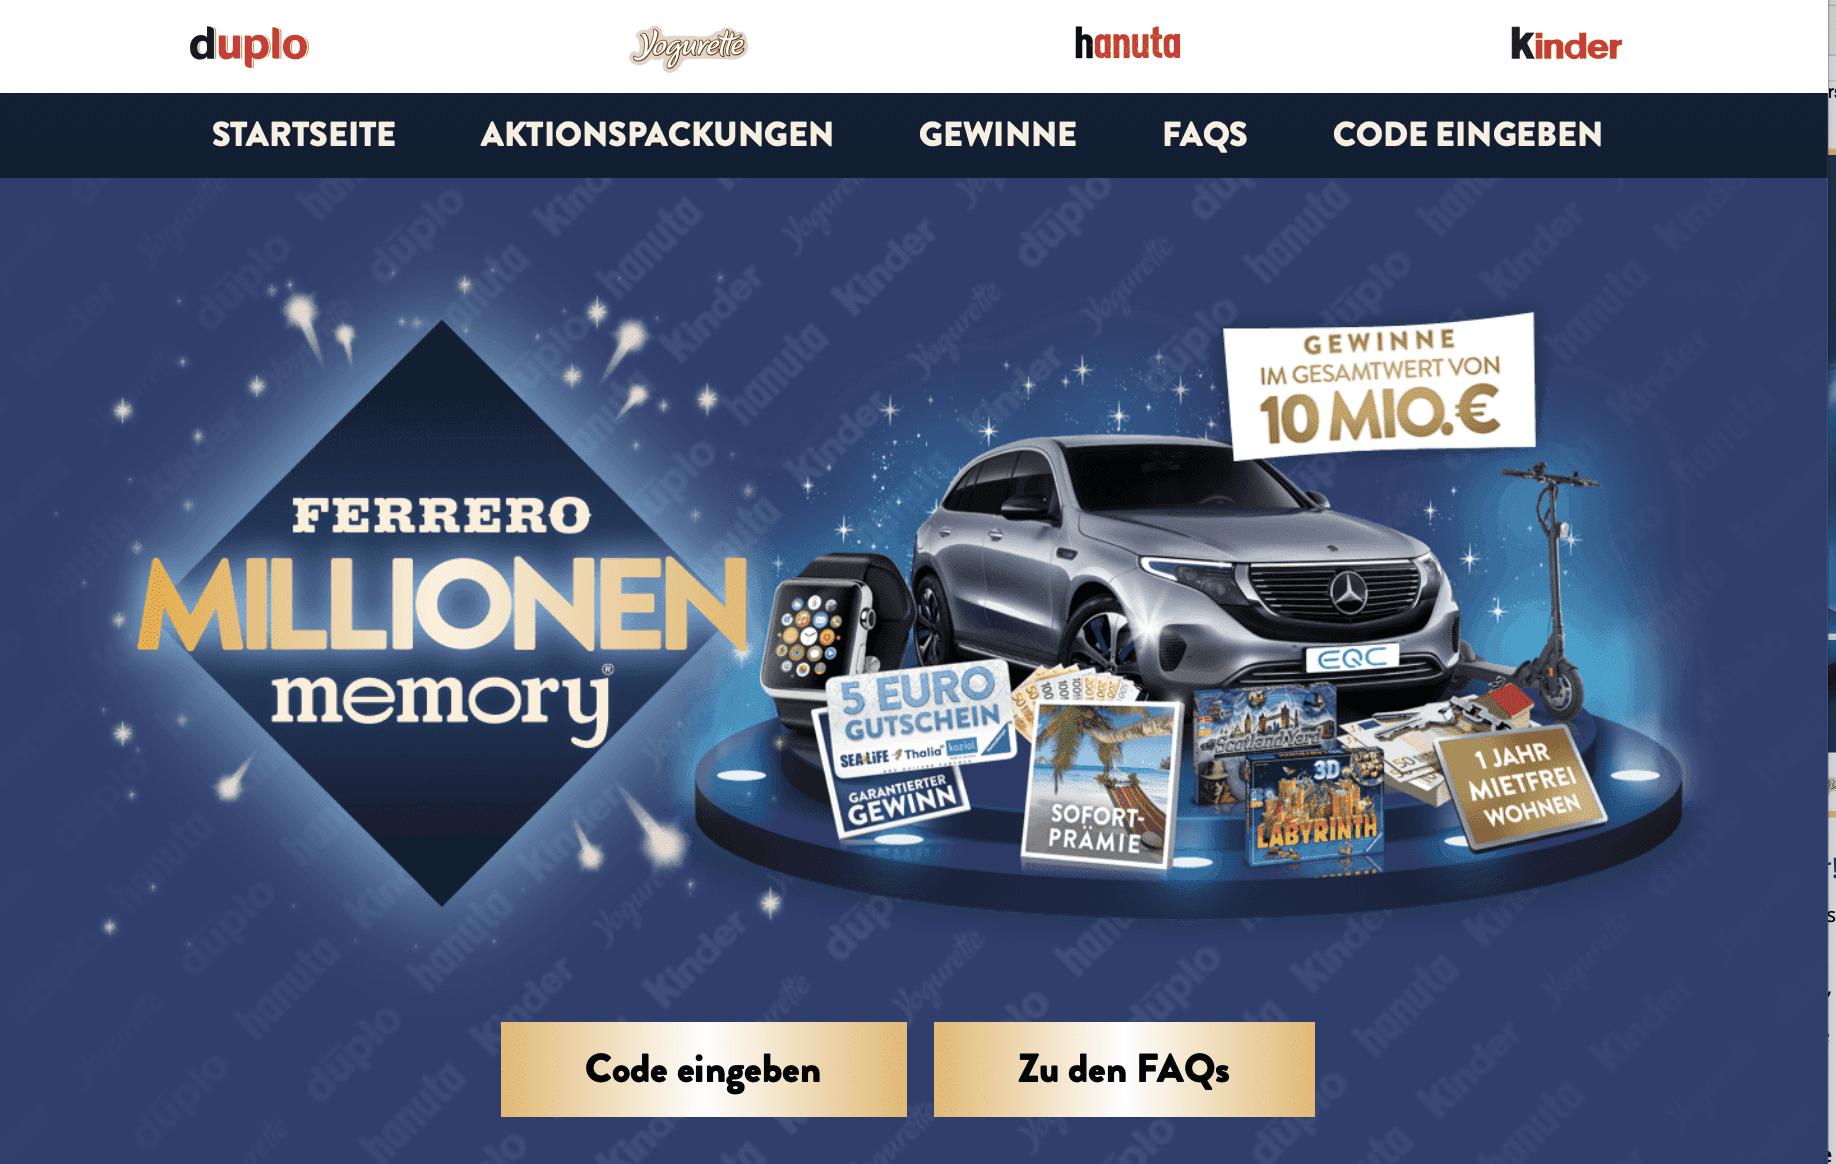 Ferrero Millionen Memory Gewinnspiel-Cases FMCG Süßwaren & Snacks